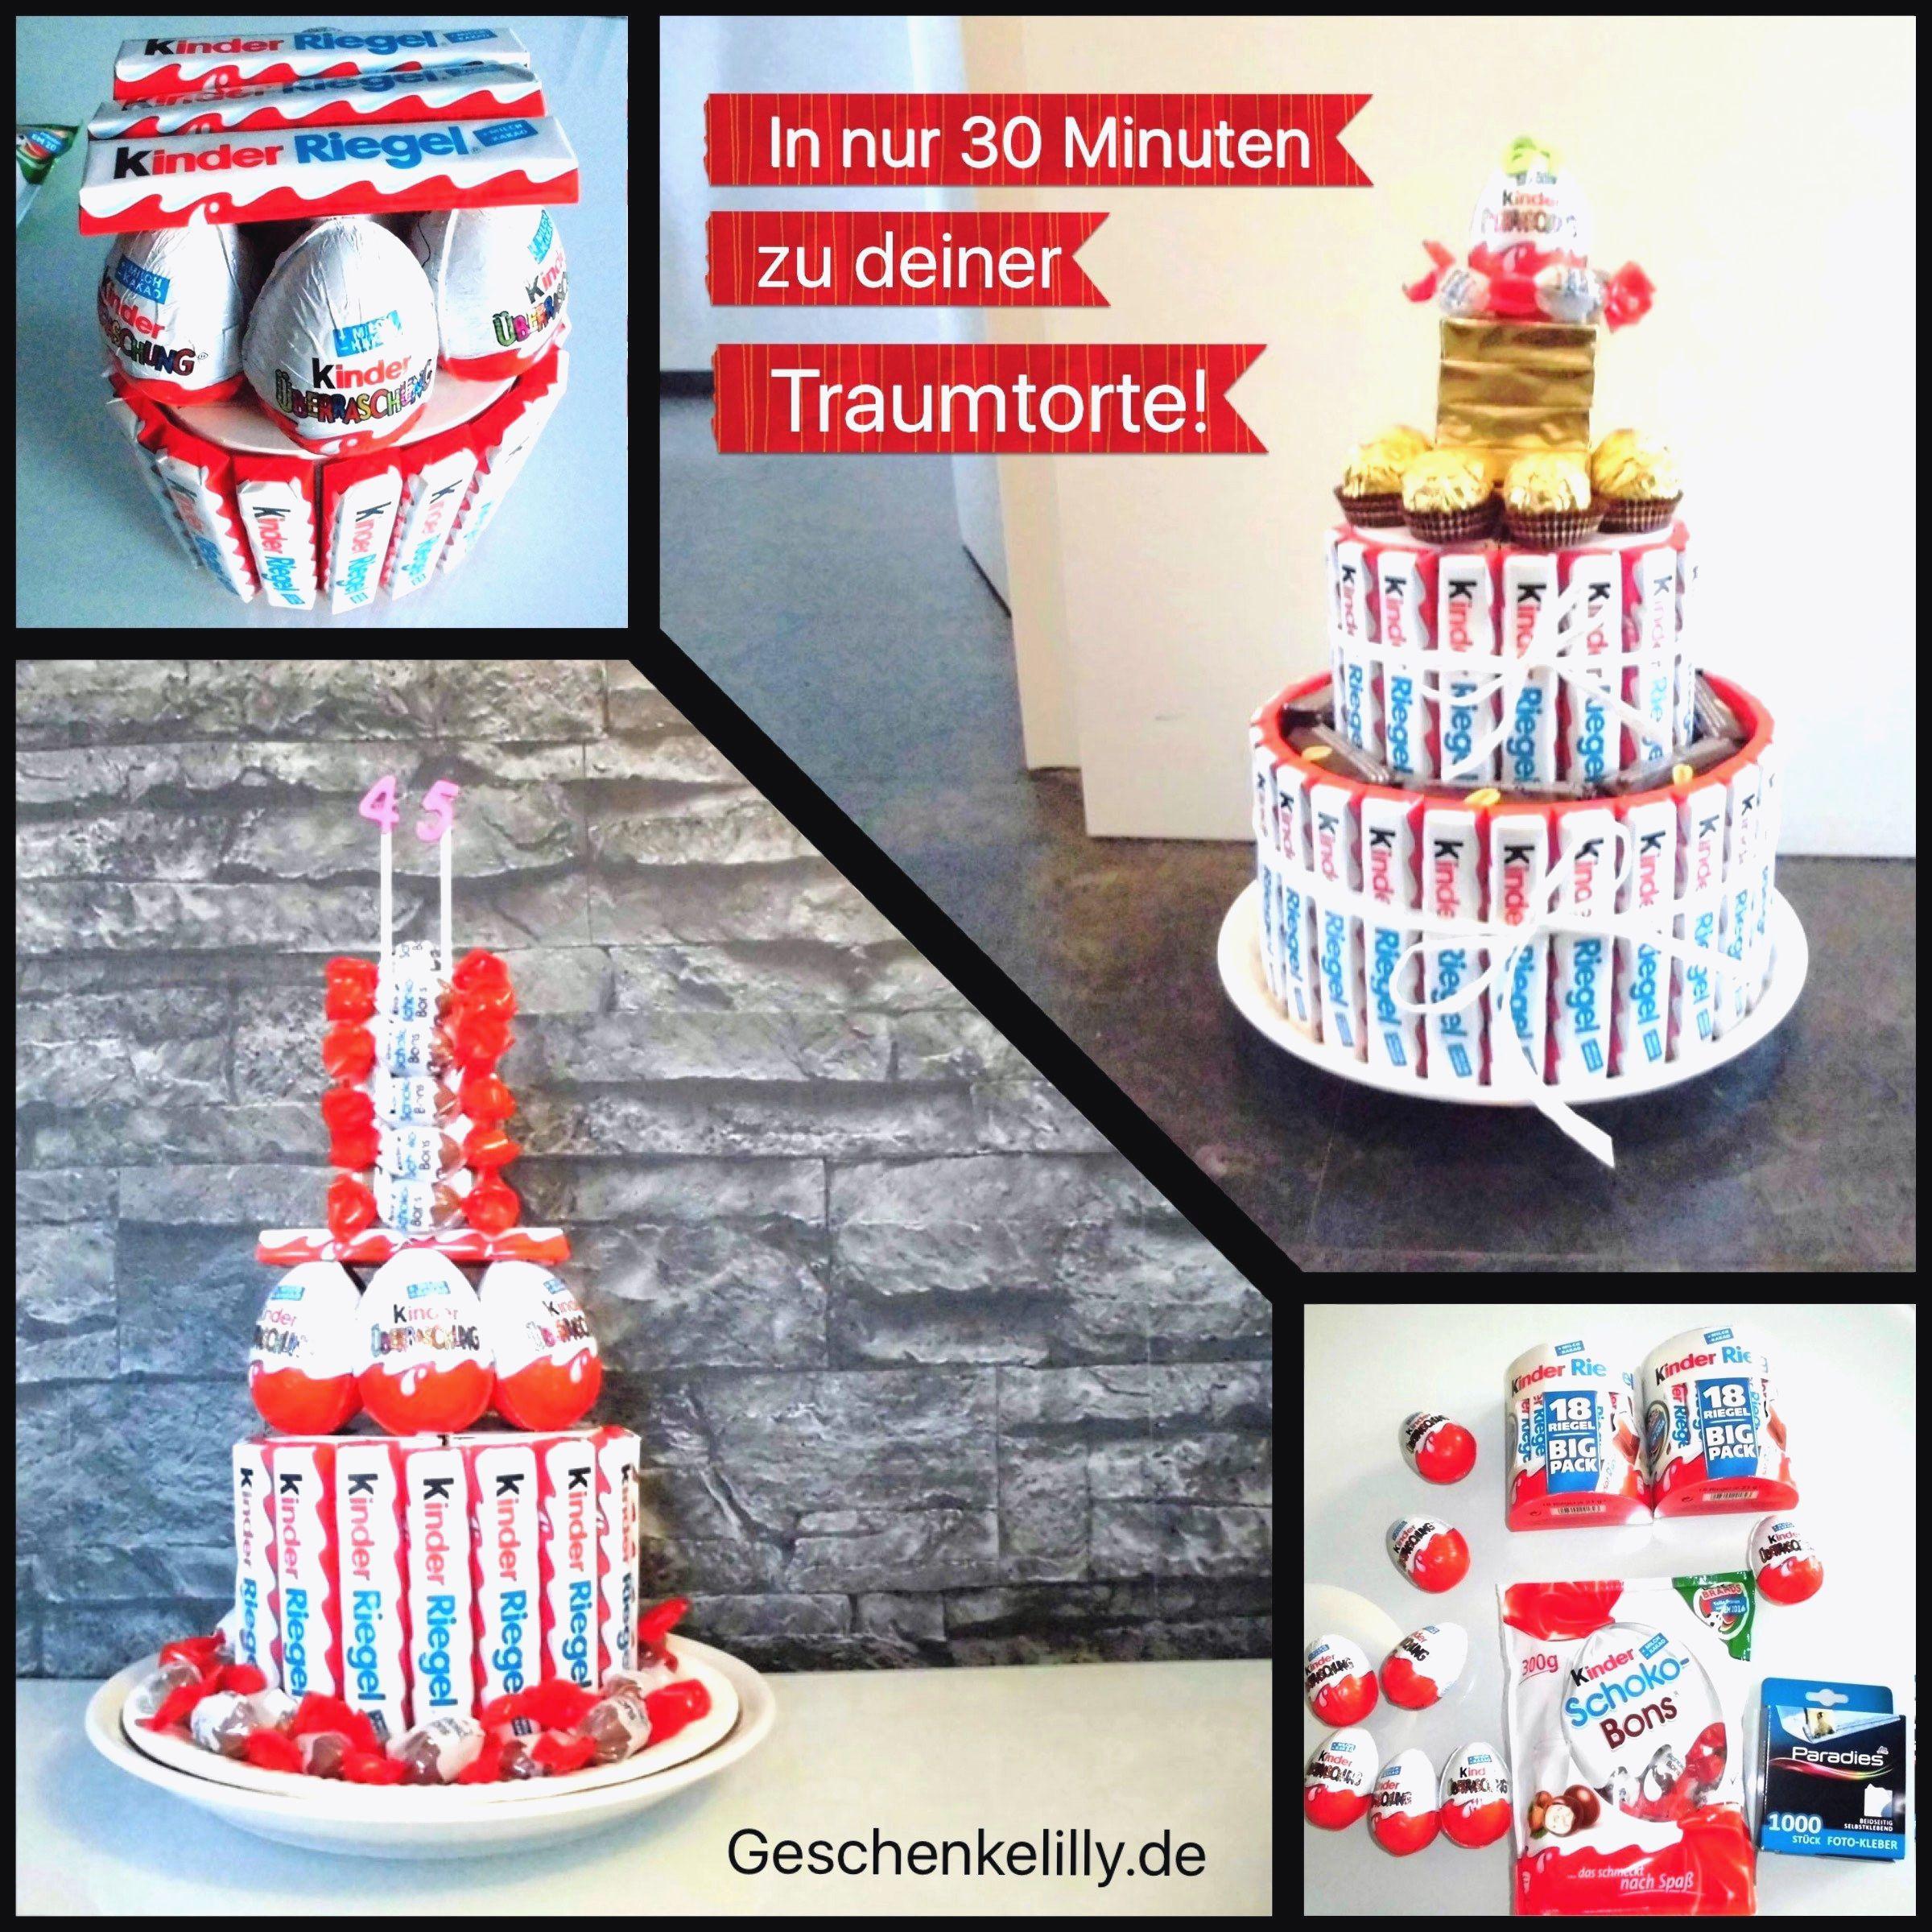 Geschenke Zum Geburtstag Selber Machen  20 Besten Lustige Geschenke Zum 18 Geburtstag Beste